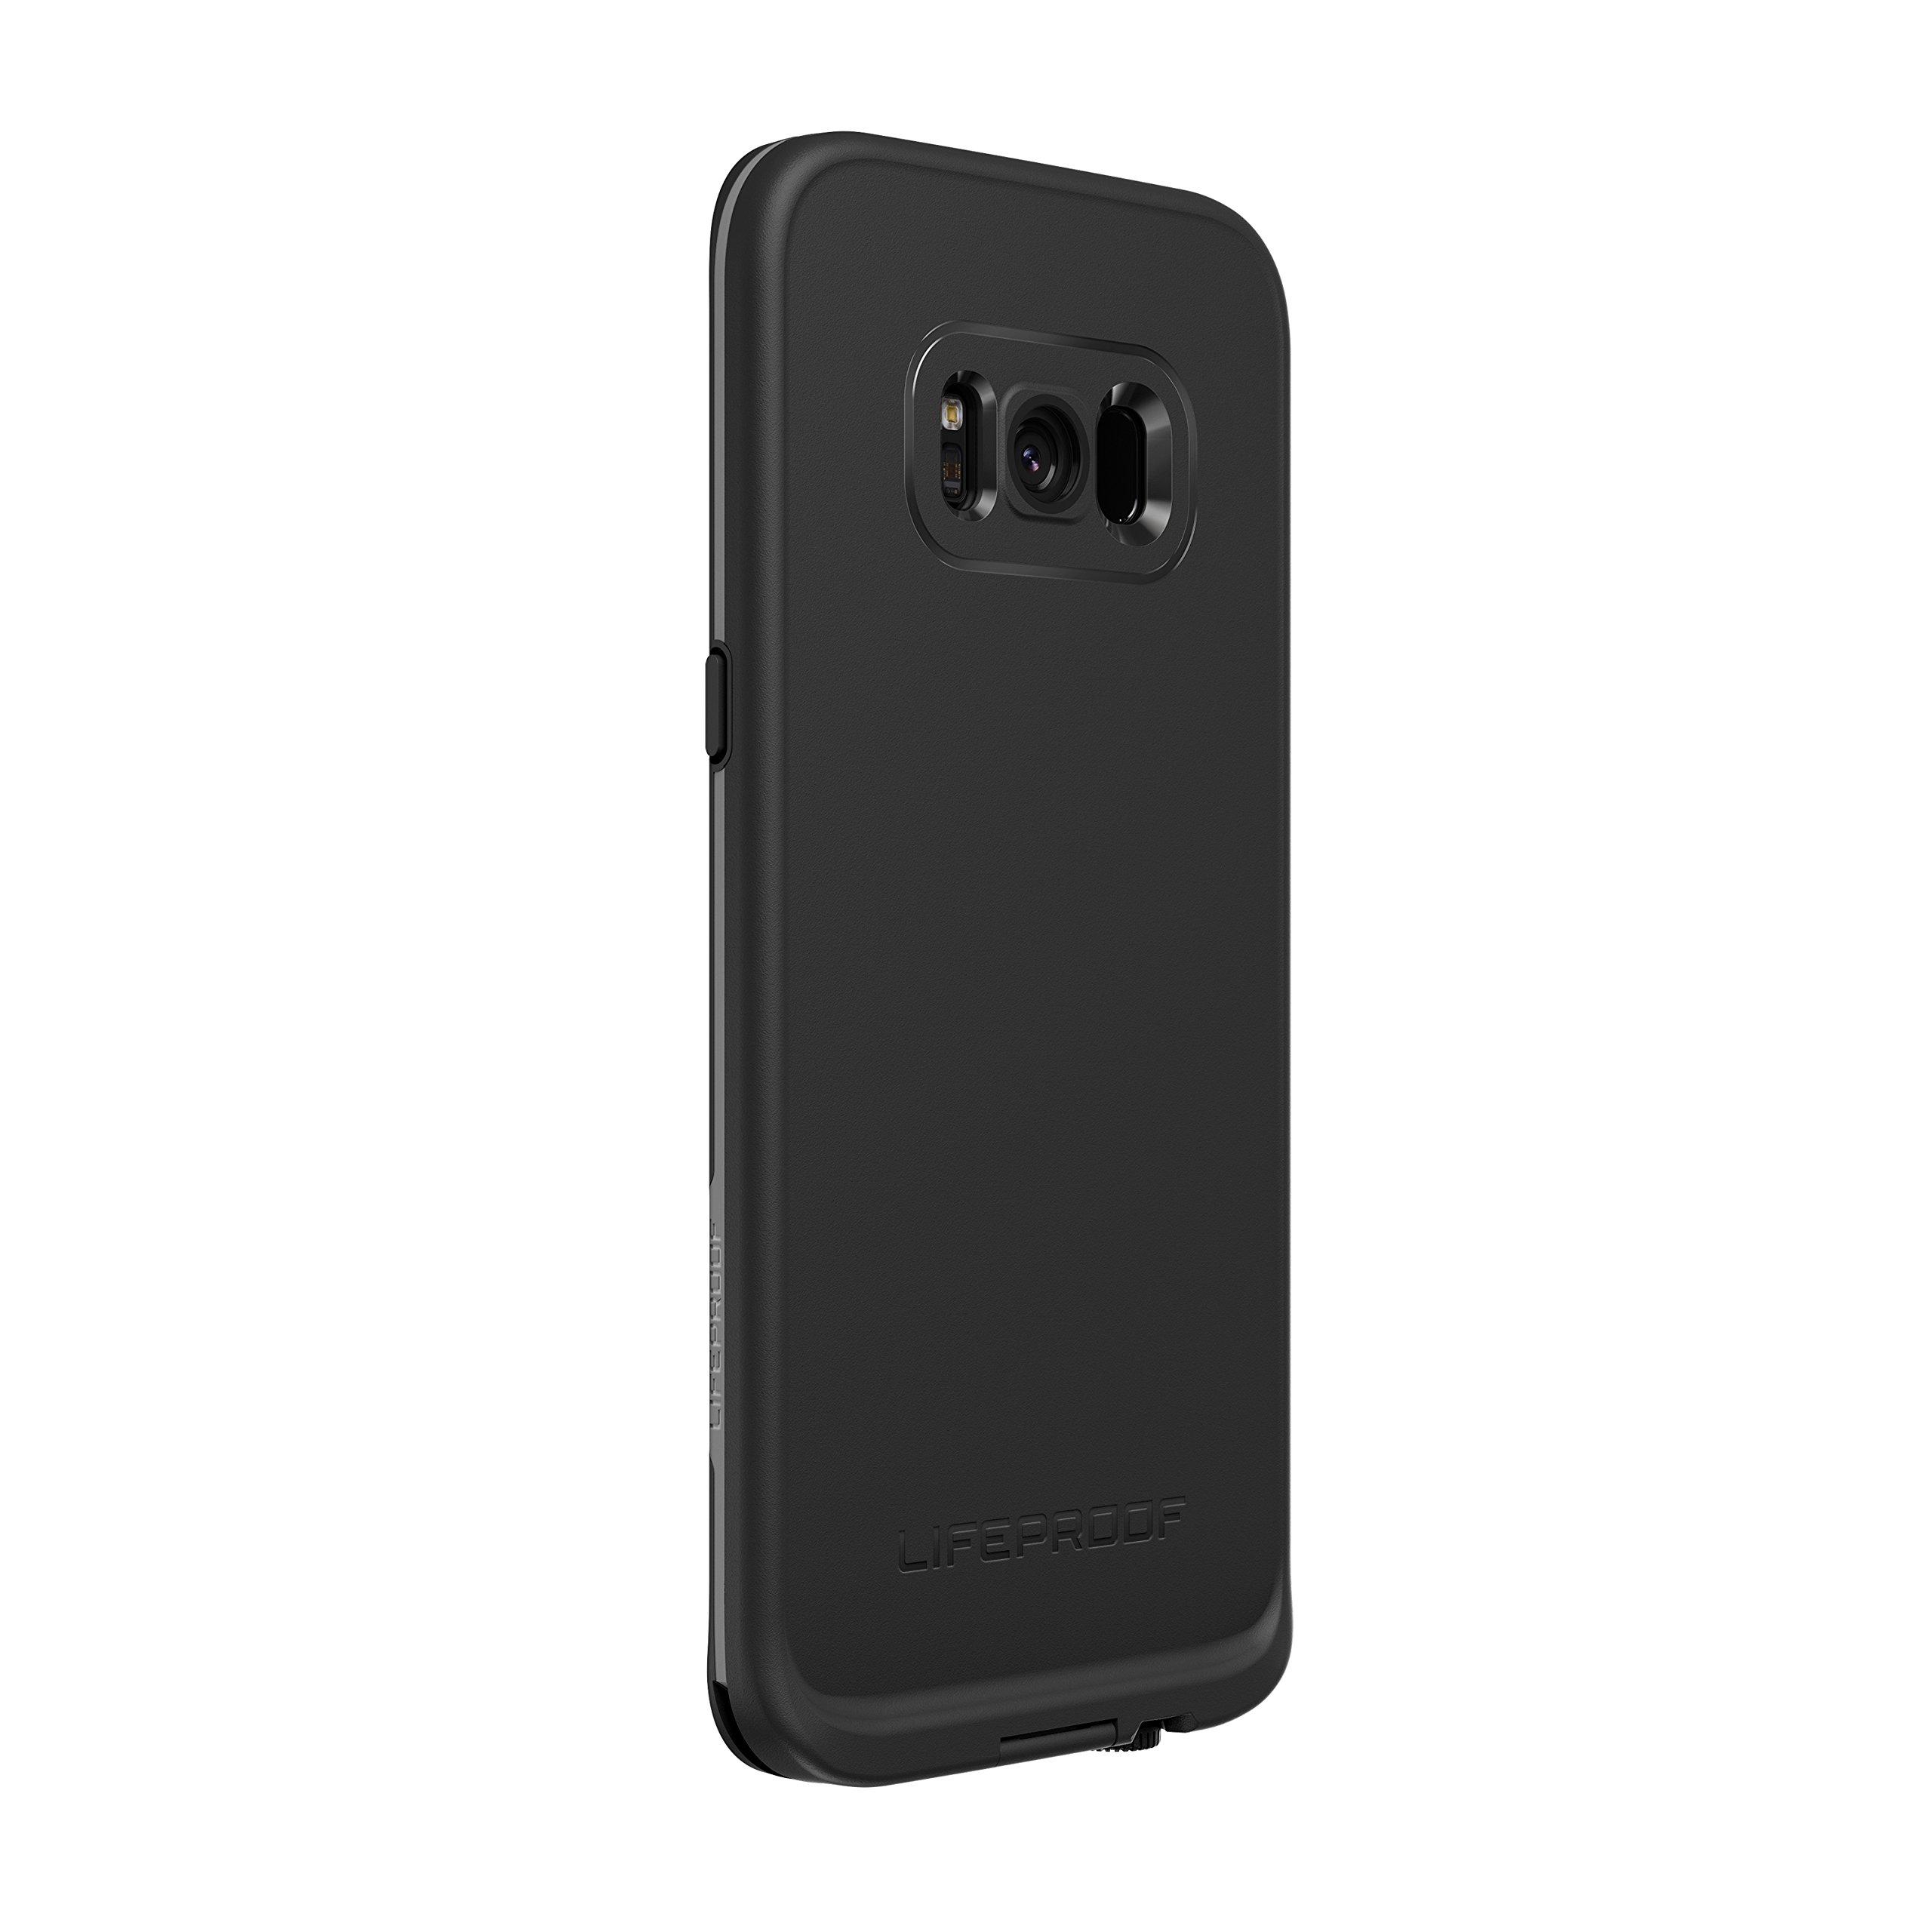 Lifeproof FRĒ SERIES Waterproof Case for Samsung Galaxy S8 (ONLY) - Retail Packaging - ASPHALT (BLACK/DARK GREY) by LifeProof (Image #5)